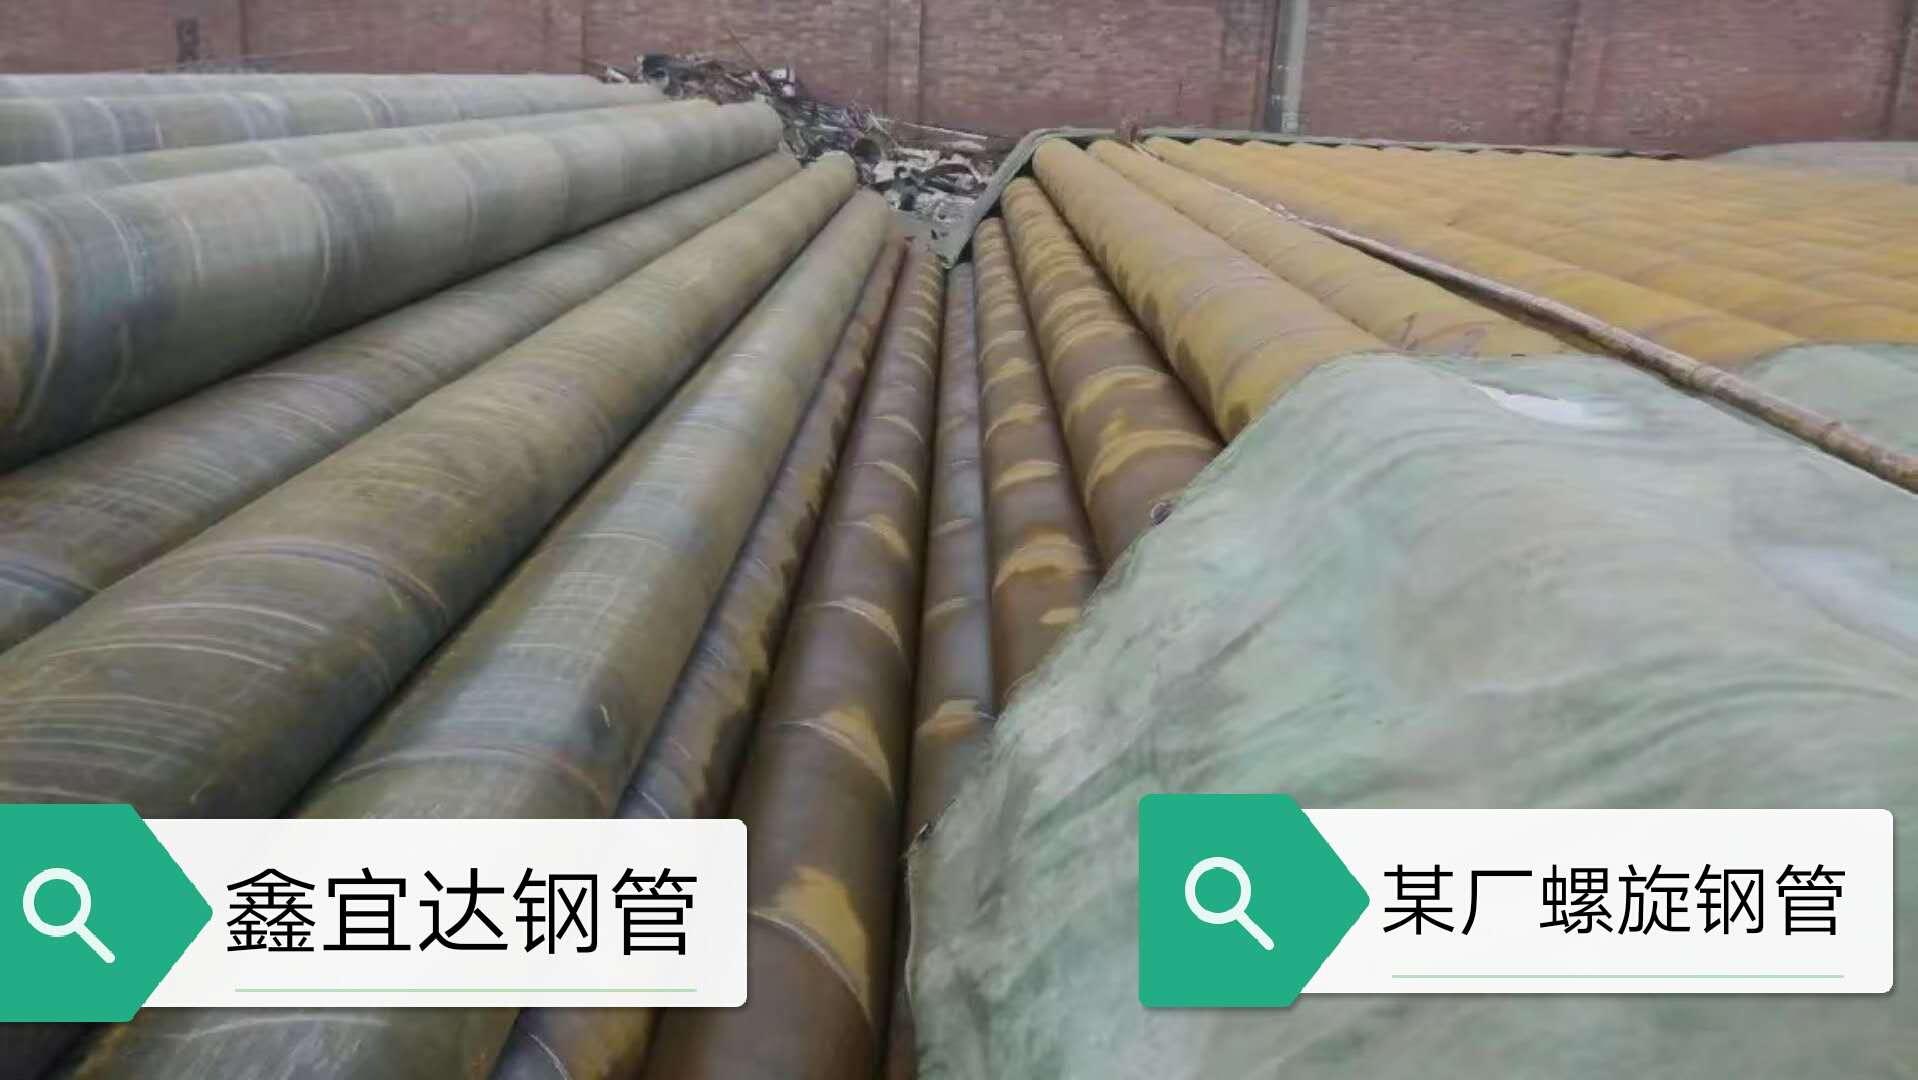 購買螺旋鋼管時的注意事項|行業新聞-滄州市鑫宜達鋼管集團股份有限公司.